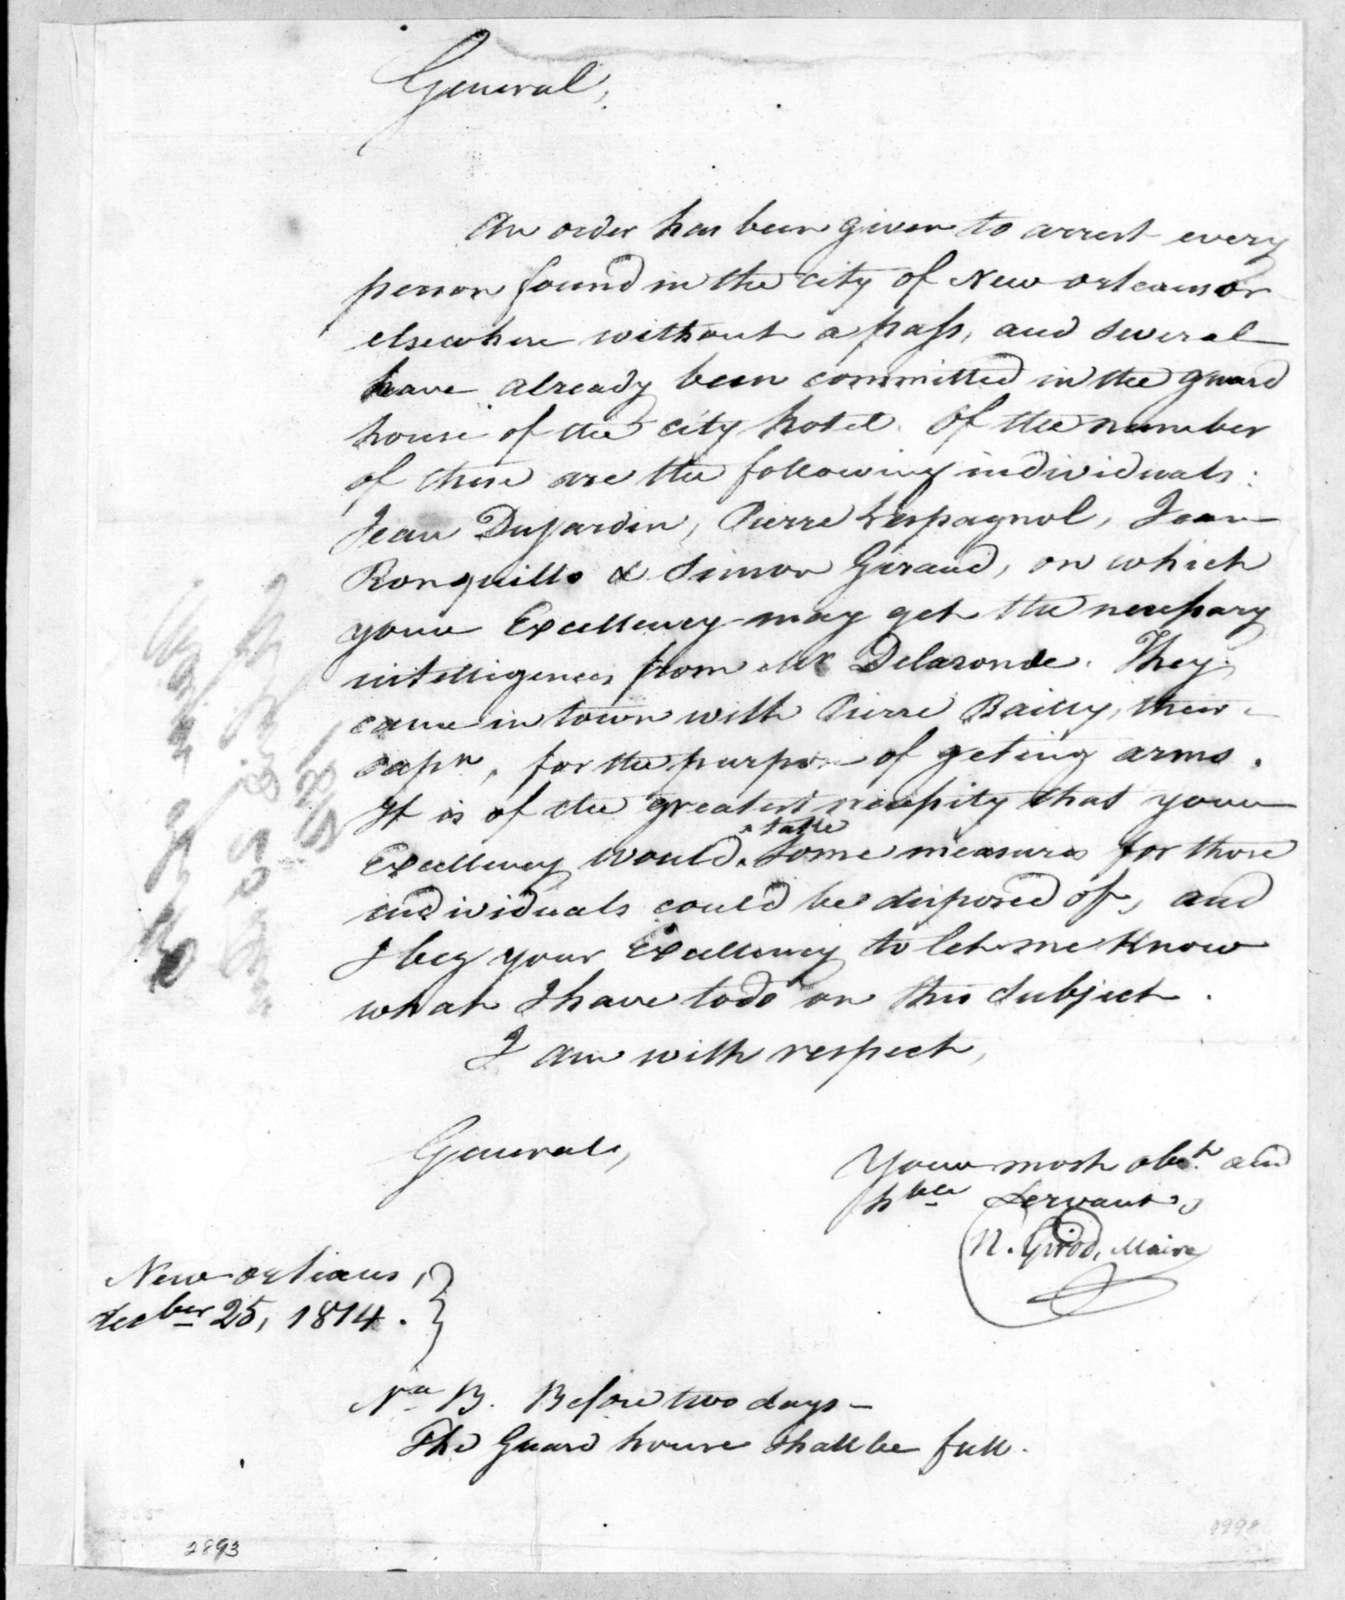 Nicholas Girod to Andrew Jackson, December 25, 1814